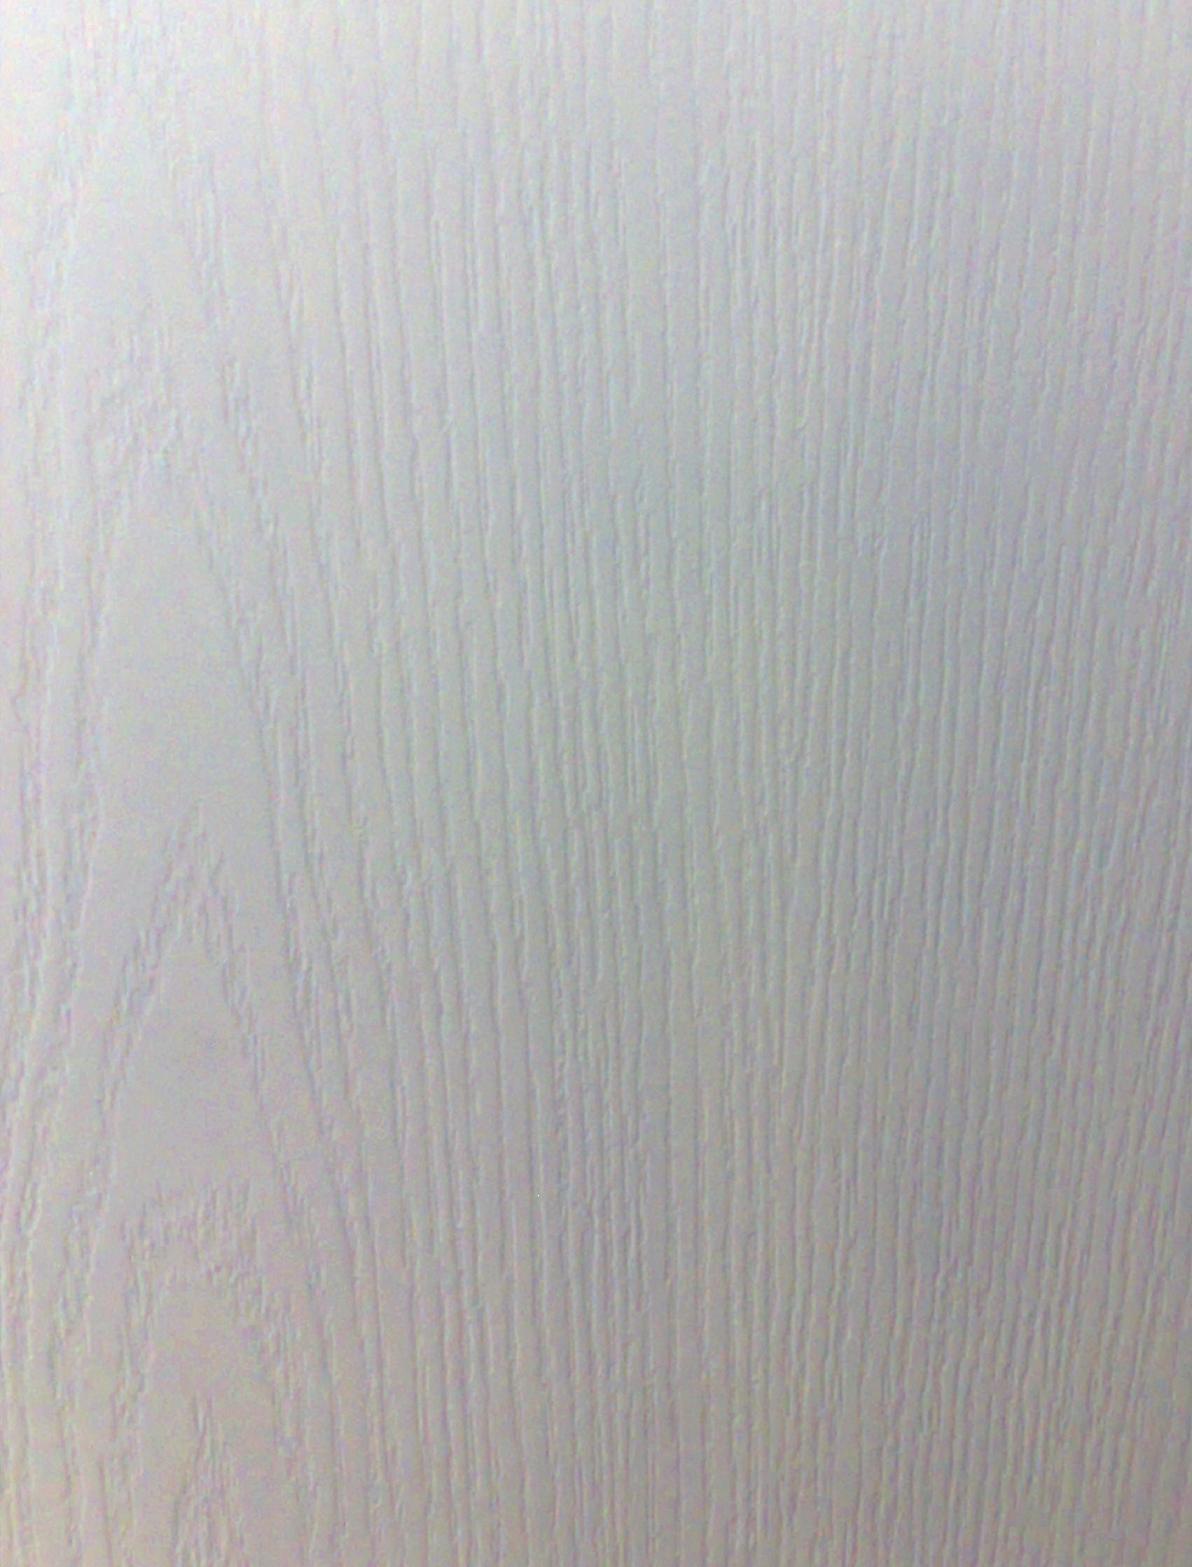 北欧木纹贴图材质